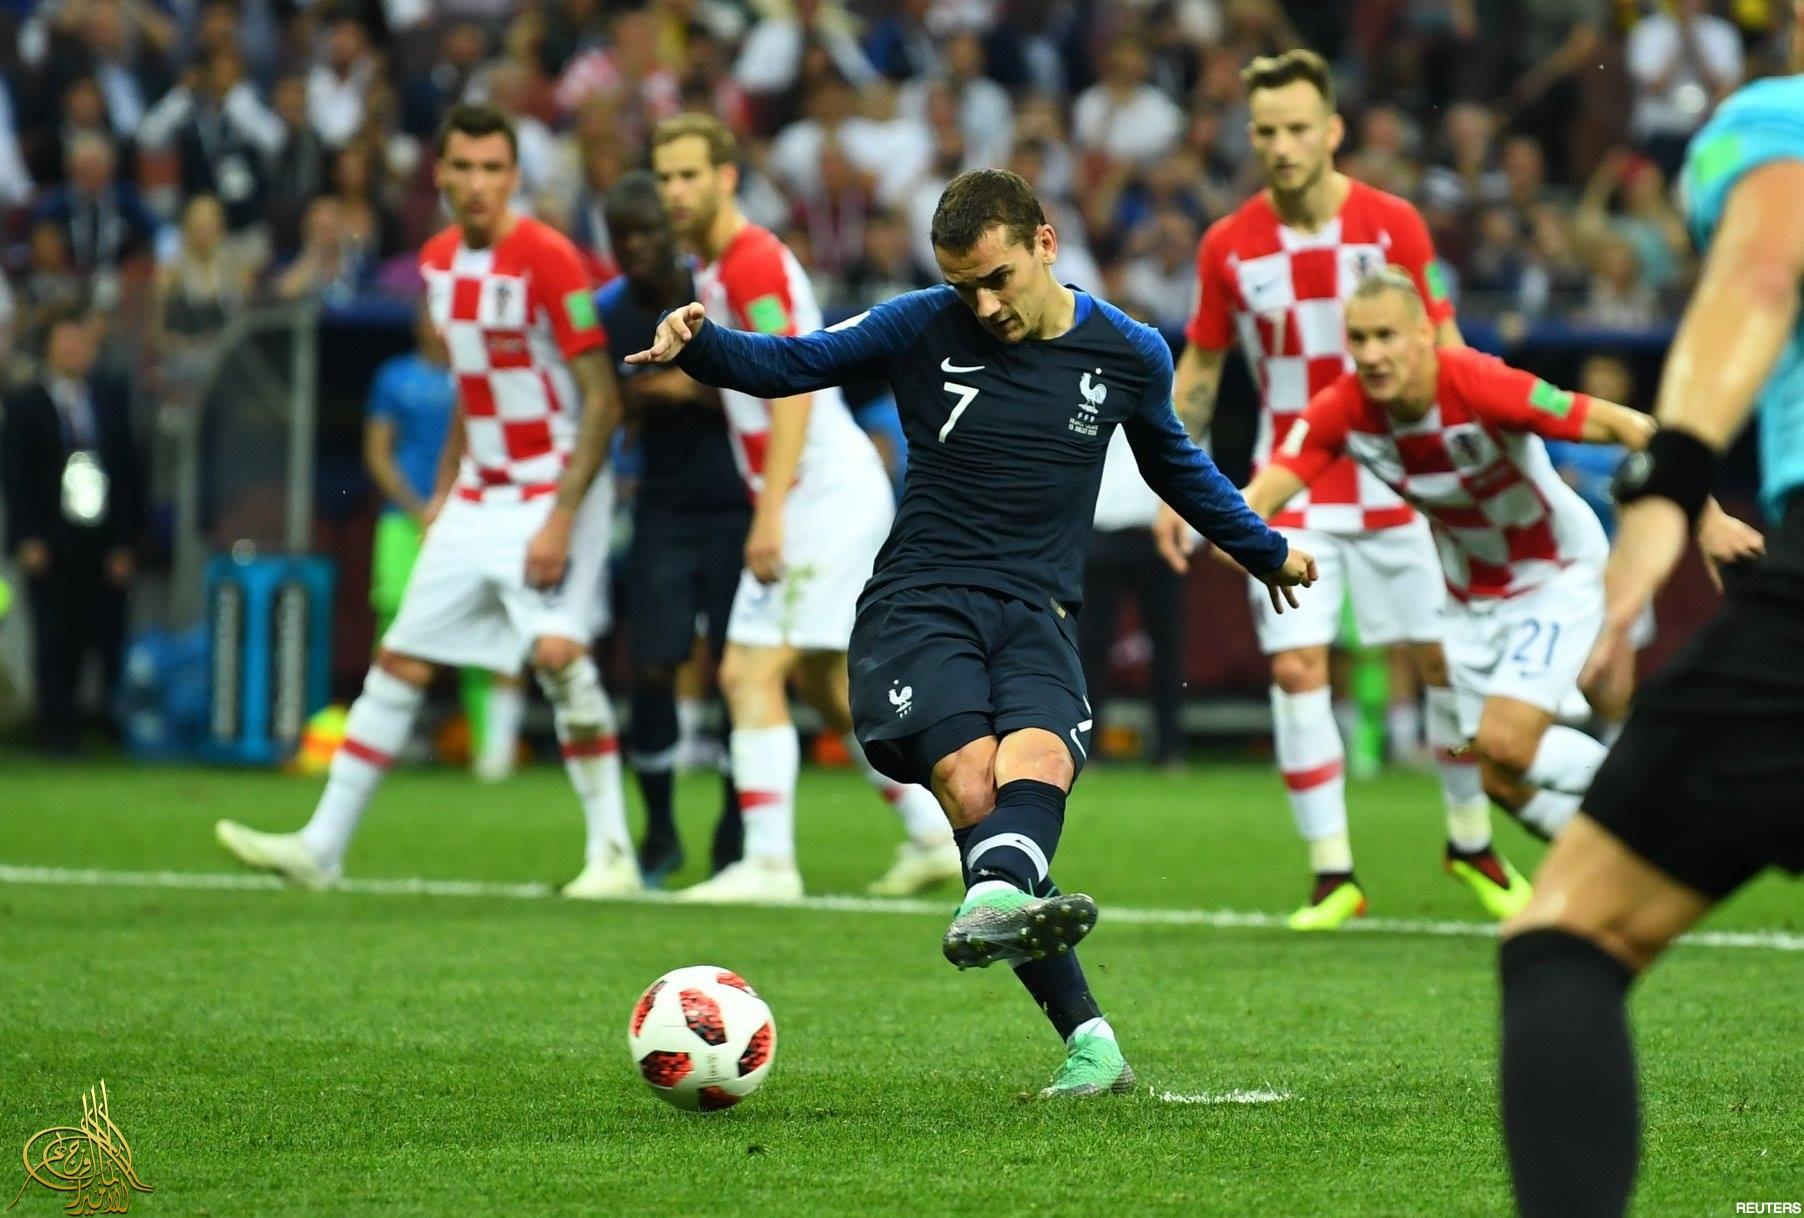 30f74f79c كرواتيا تفوز باحترام العالم وفرنسا تفوز بالكأس